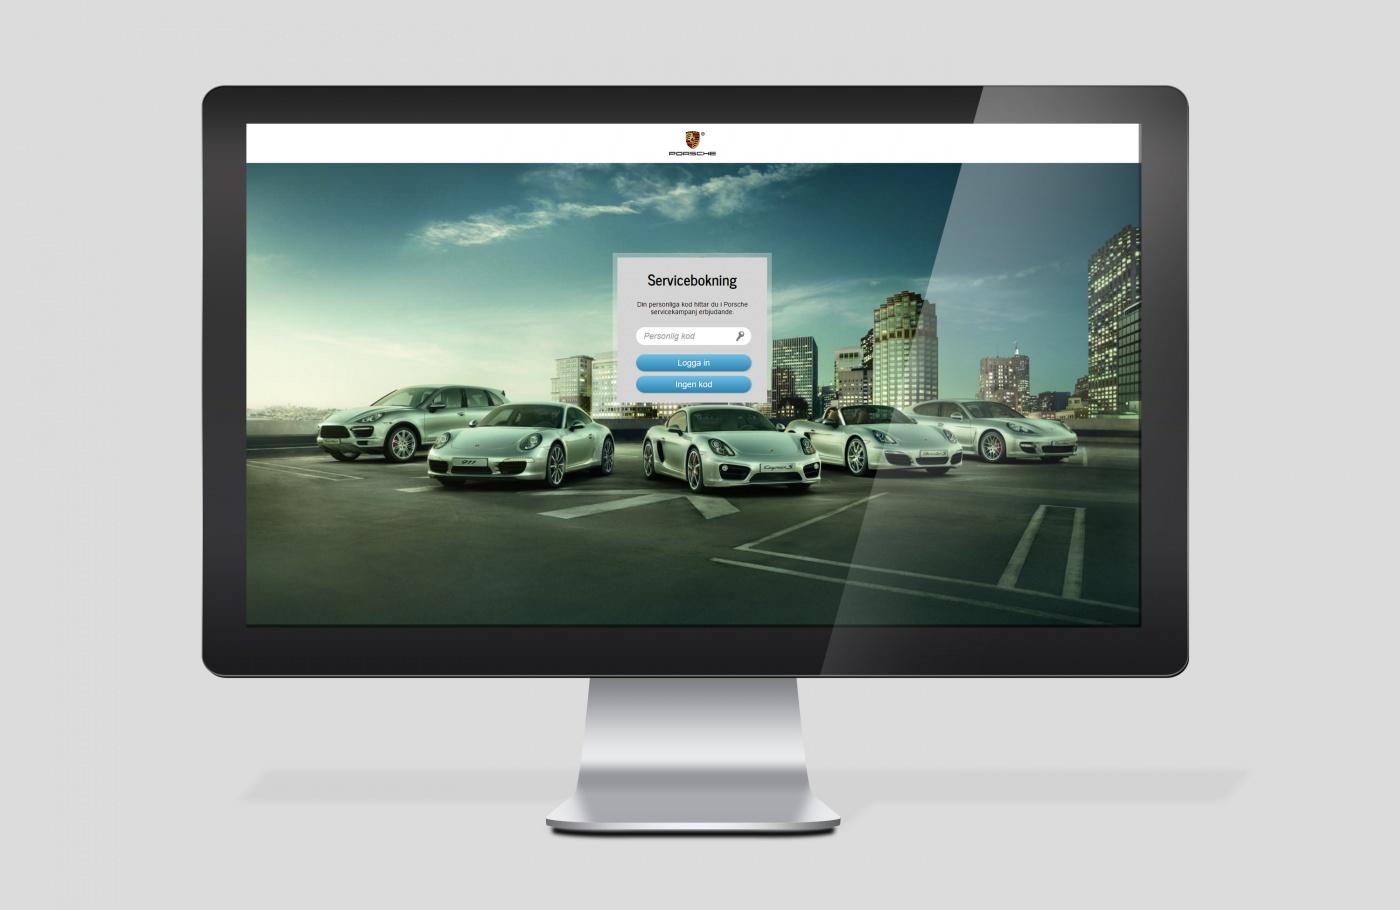 iMac-widescreen-1400x910